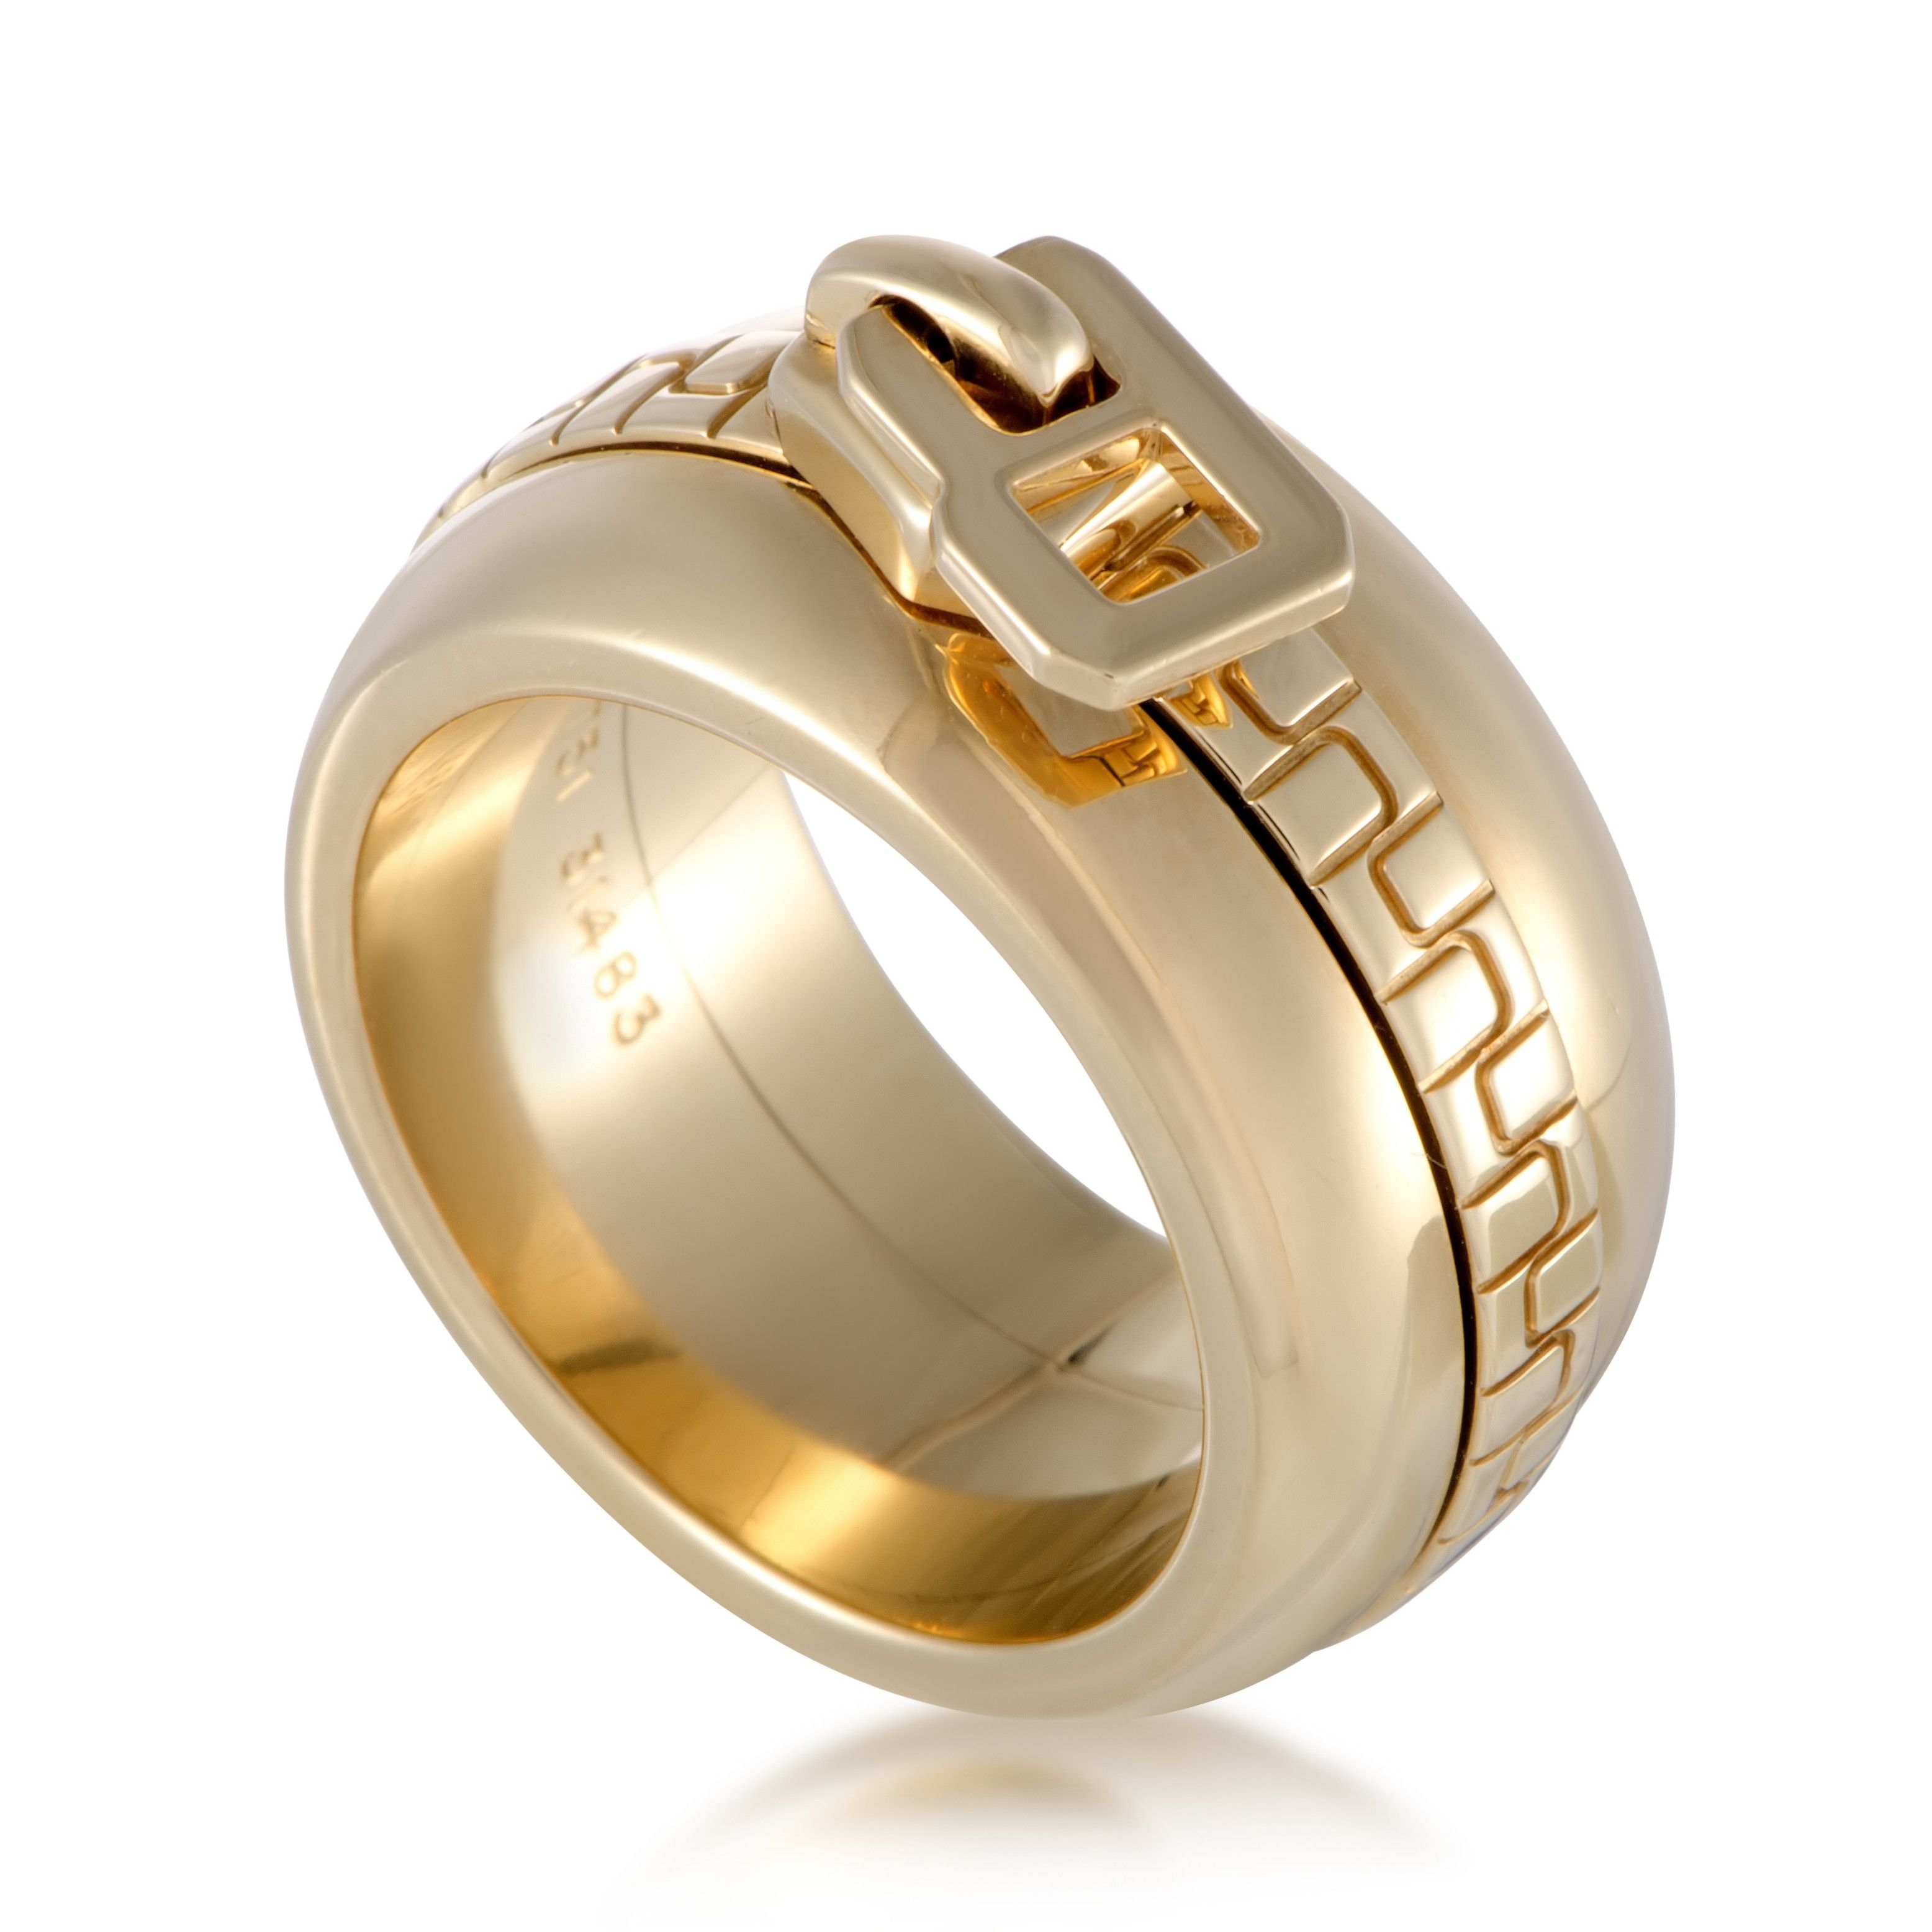 784871581182af Boucheron 18K Yellow Gold Zipper Band Ring | Luxury Bazaar |  www.luxurybazaar.com